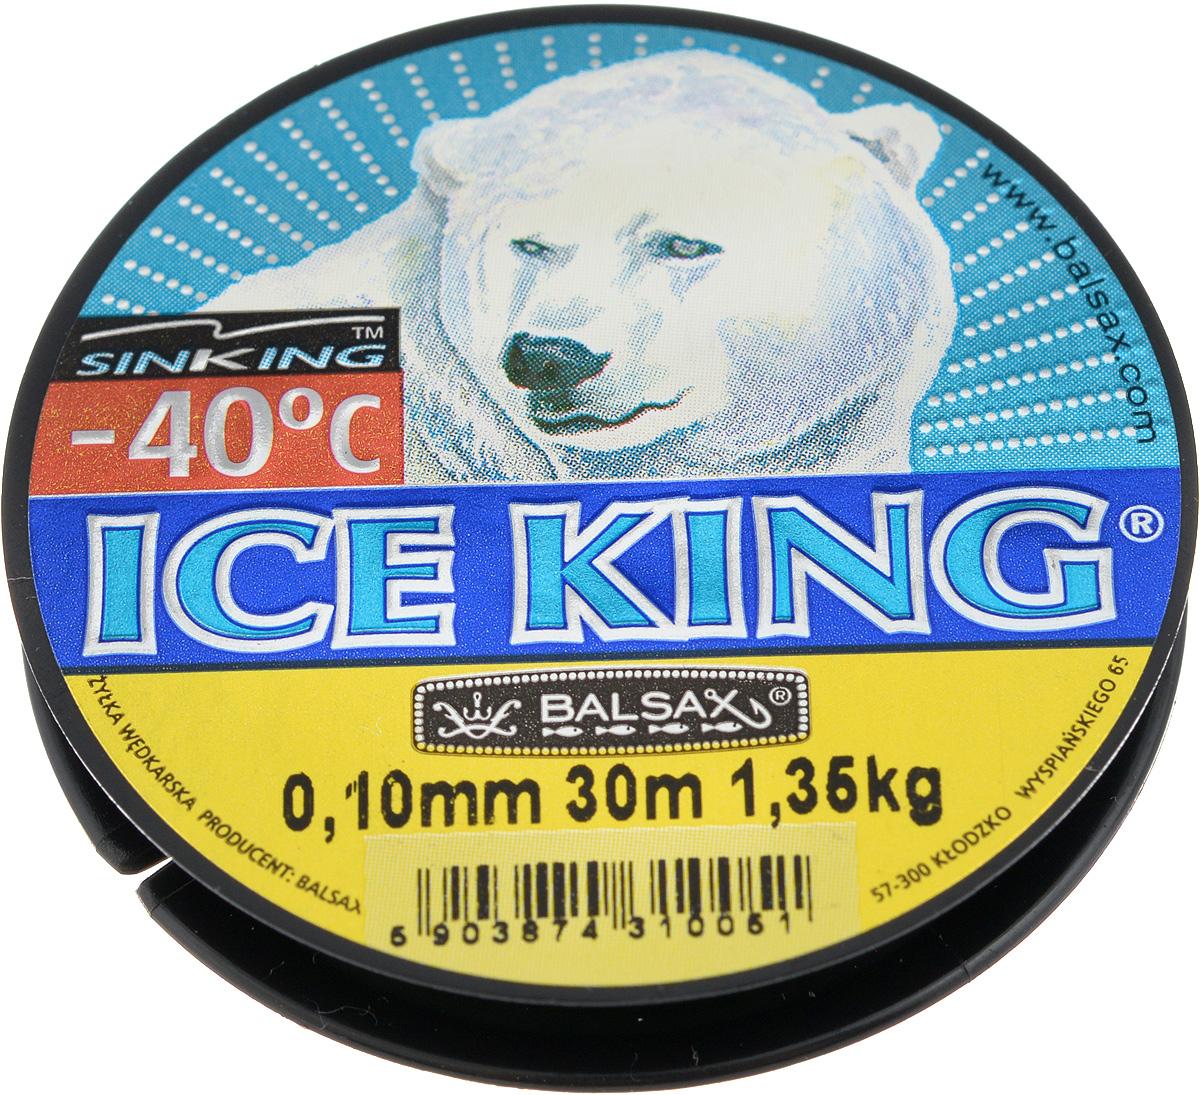 Леска зимняя Balsax Ice King, 30 м, 0,10 мм, 1,35 кг310-08010Леска Balsax Ice King изготовлена из 100% нейлона и очень хорошо выдерживает низкие температуры. Даже в самом холодном климате, при температуре вплоть до -40°C, она сохраняет свои свойства практически без изменений, в то время как традиционные лески становятся менее эластичными и теряют прочность. Поверхность лески обработана таким образом, что она не обмерзает и отлично подходит для подледного лова. Прочна в местах вязки узлов даже при минимальном диаметре.